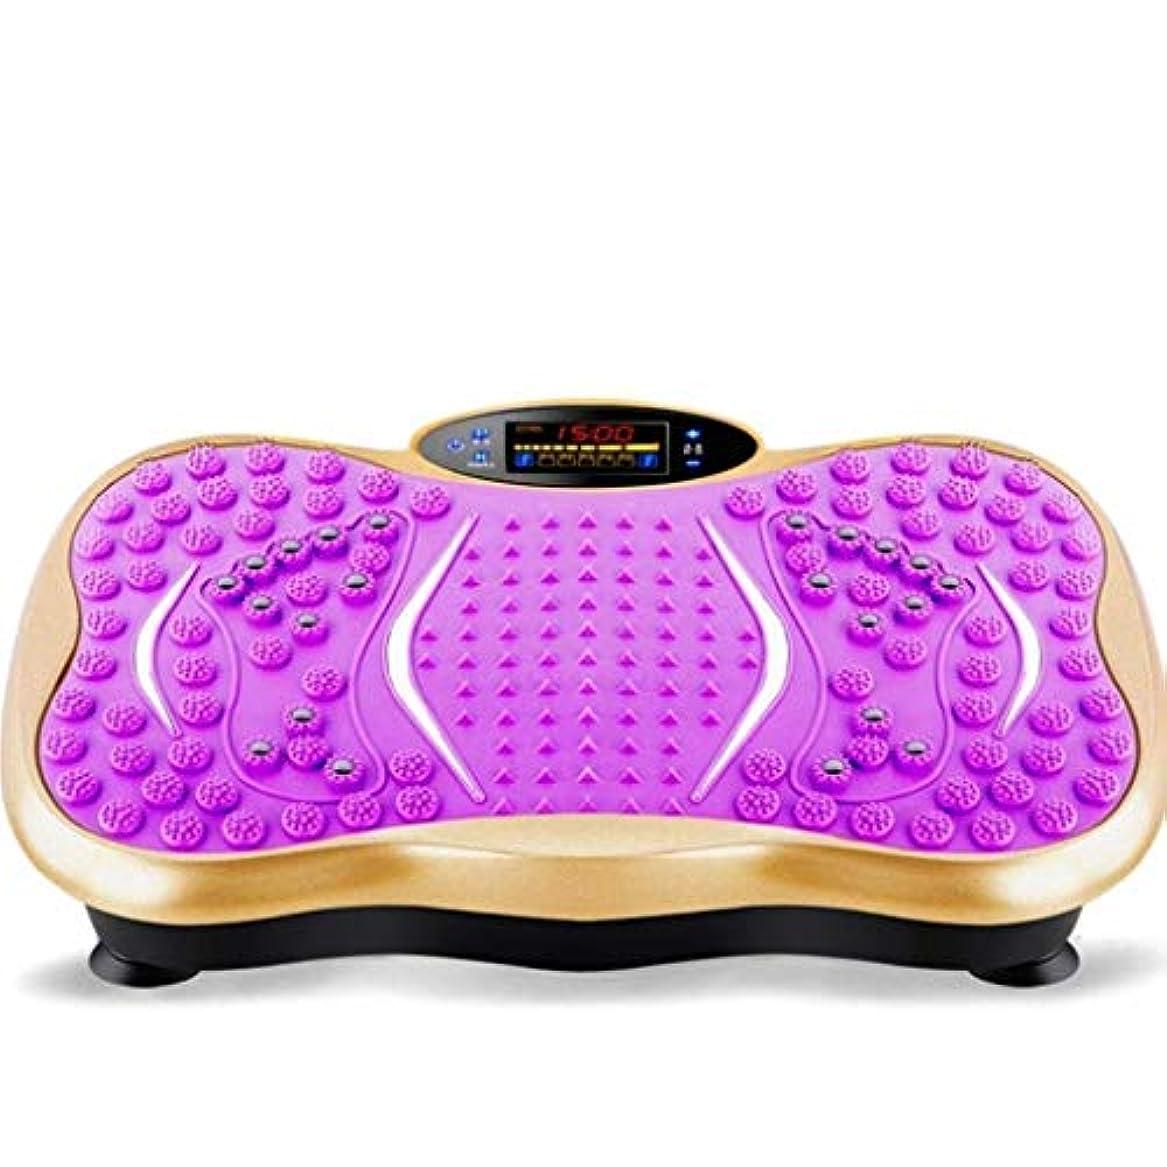 頭蓋骨ネスト曲げる減量機、減量マッサージ機、モーション振動成形機、家族に適したBluetooth音楽の5つのモード、ユニセックス振動トレーナー、減量 (Color : 紫の)